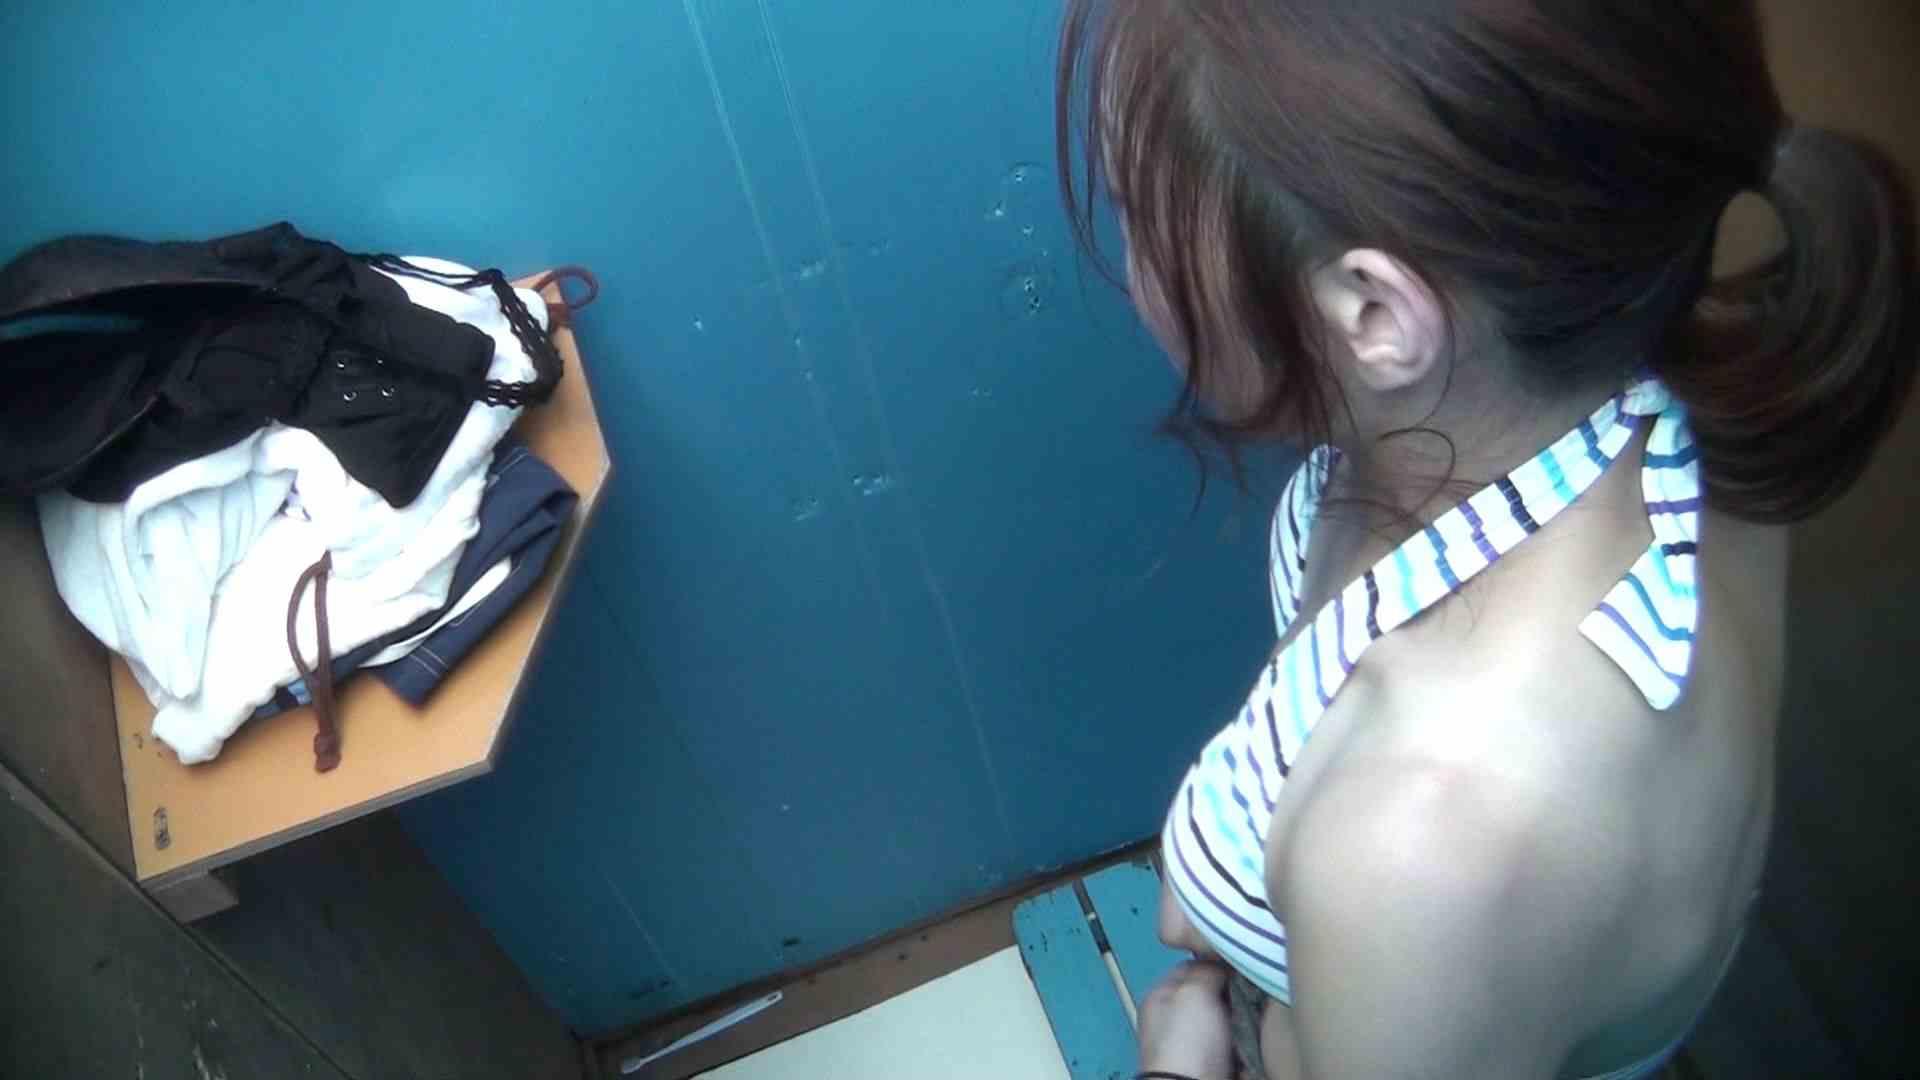 シャワールームは超!!危険な香りVol.27 乳首は一瞬貧乳姉さん 脱衣所の着替え ヌード画像 91画像 70